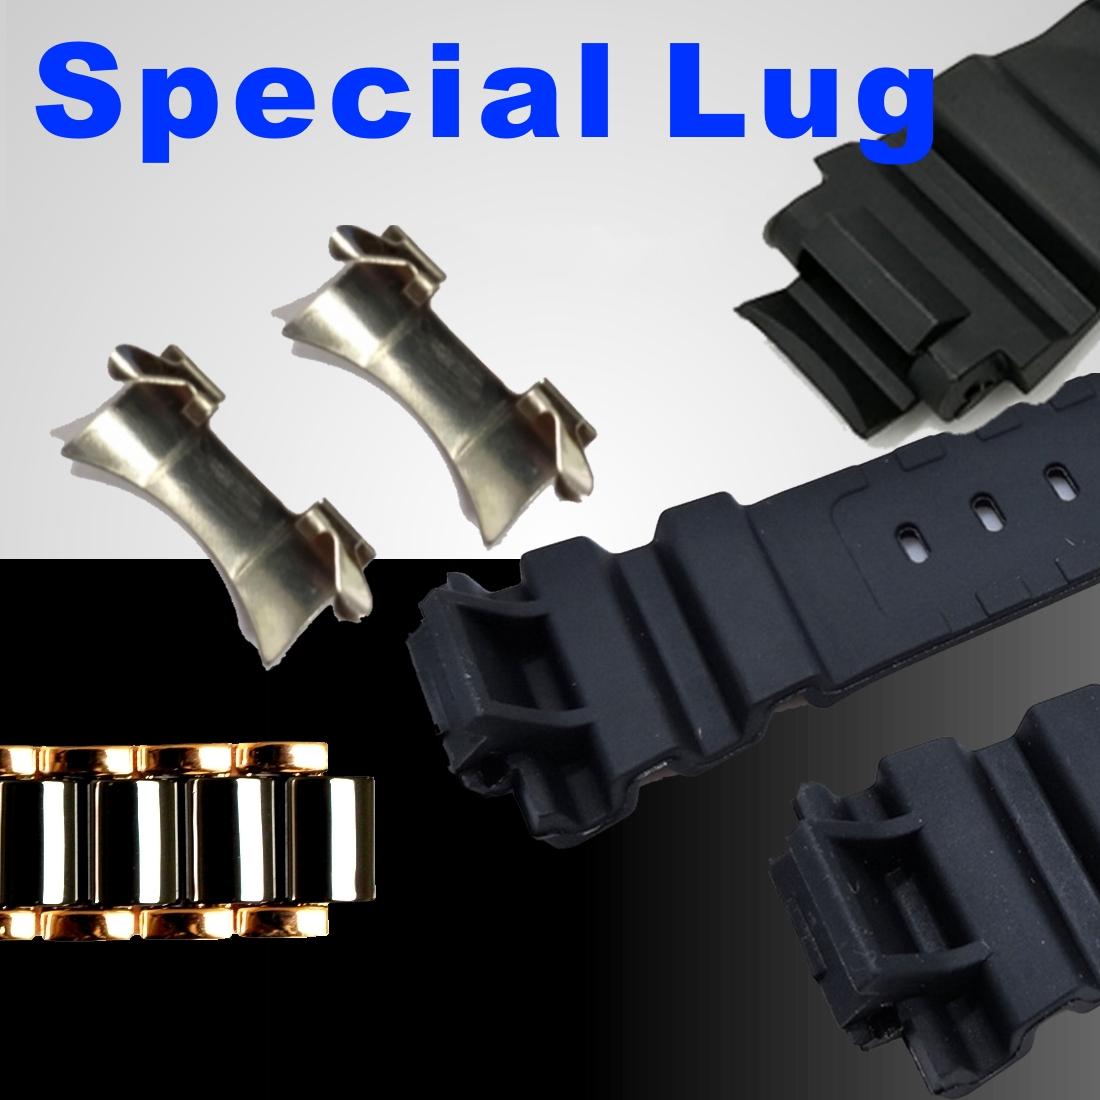 Special Lug